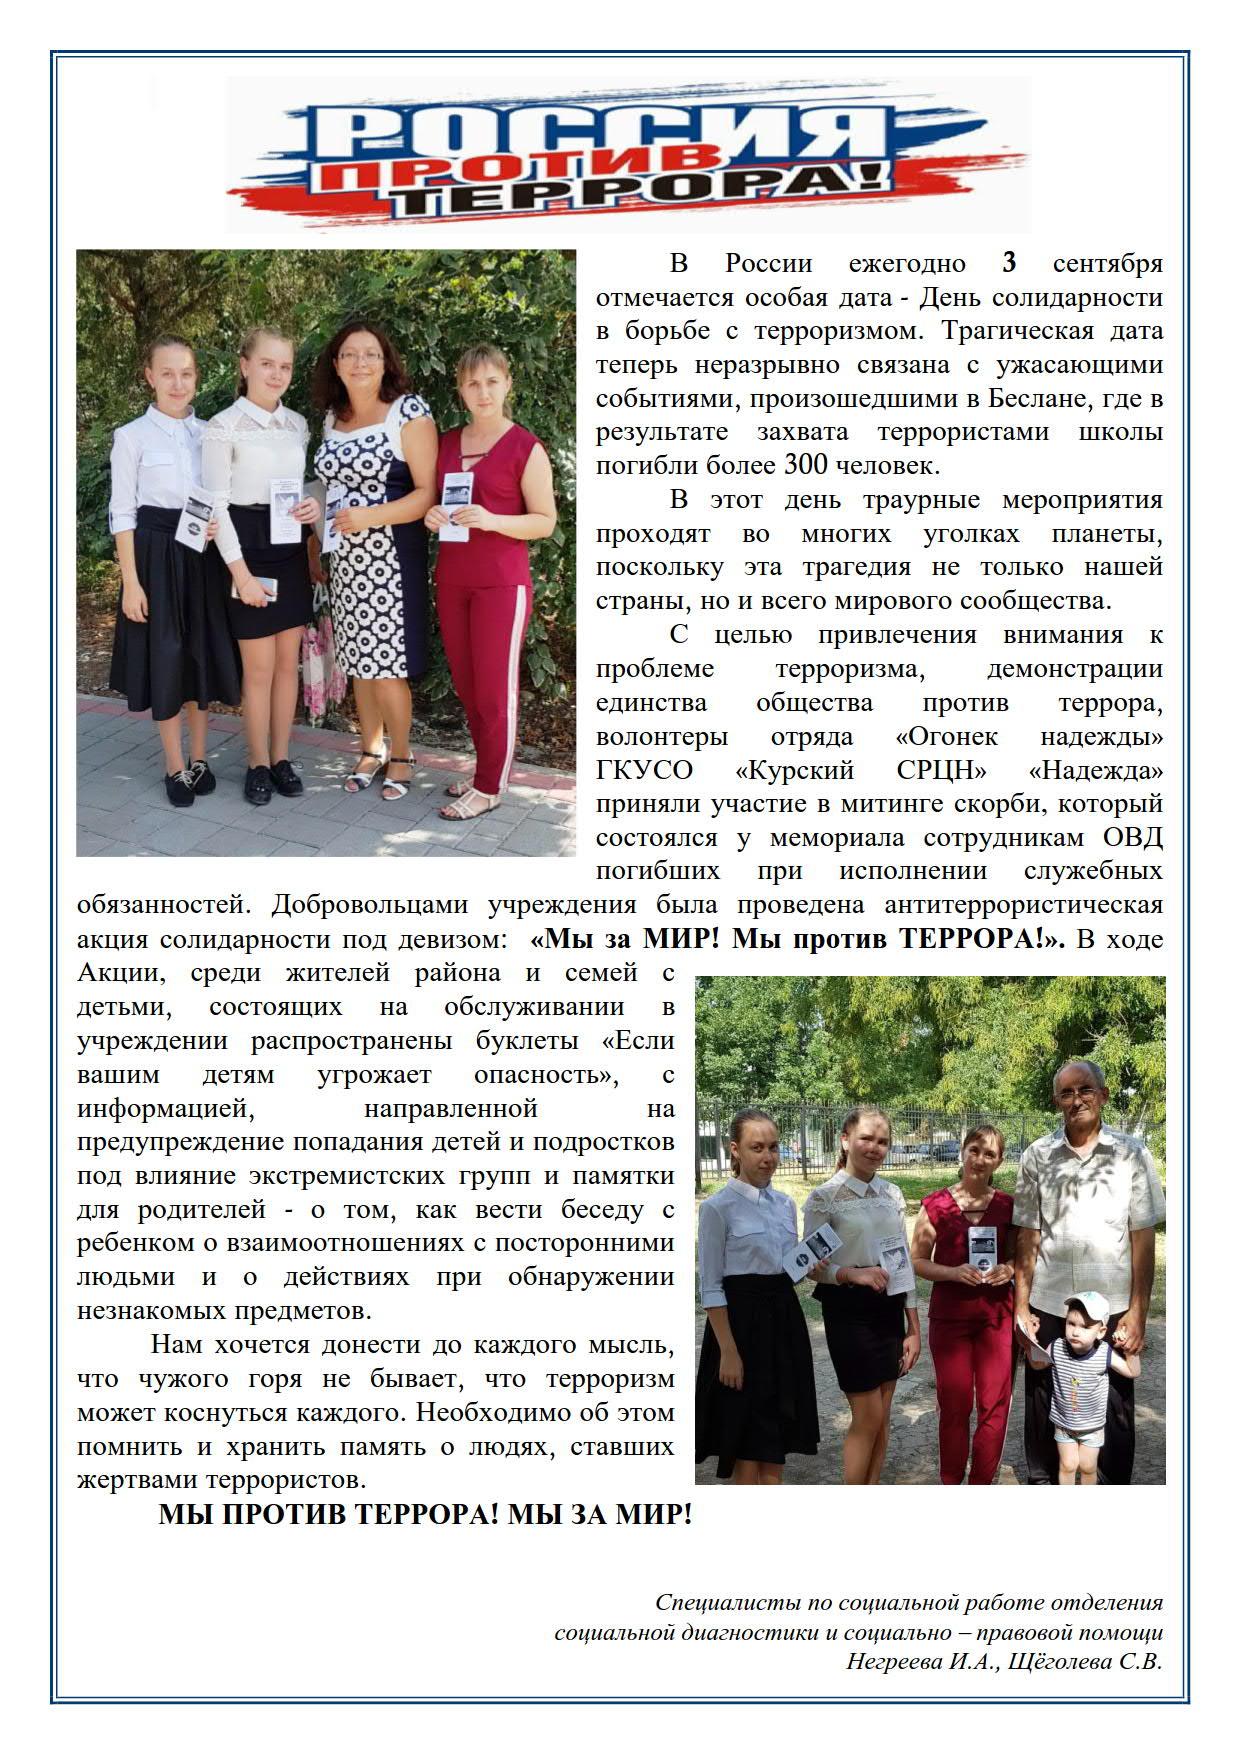 статья россия против террора_1